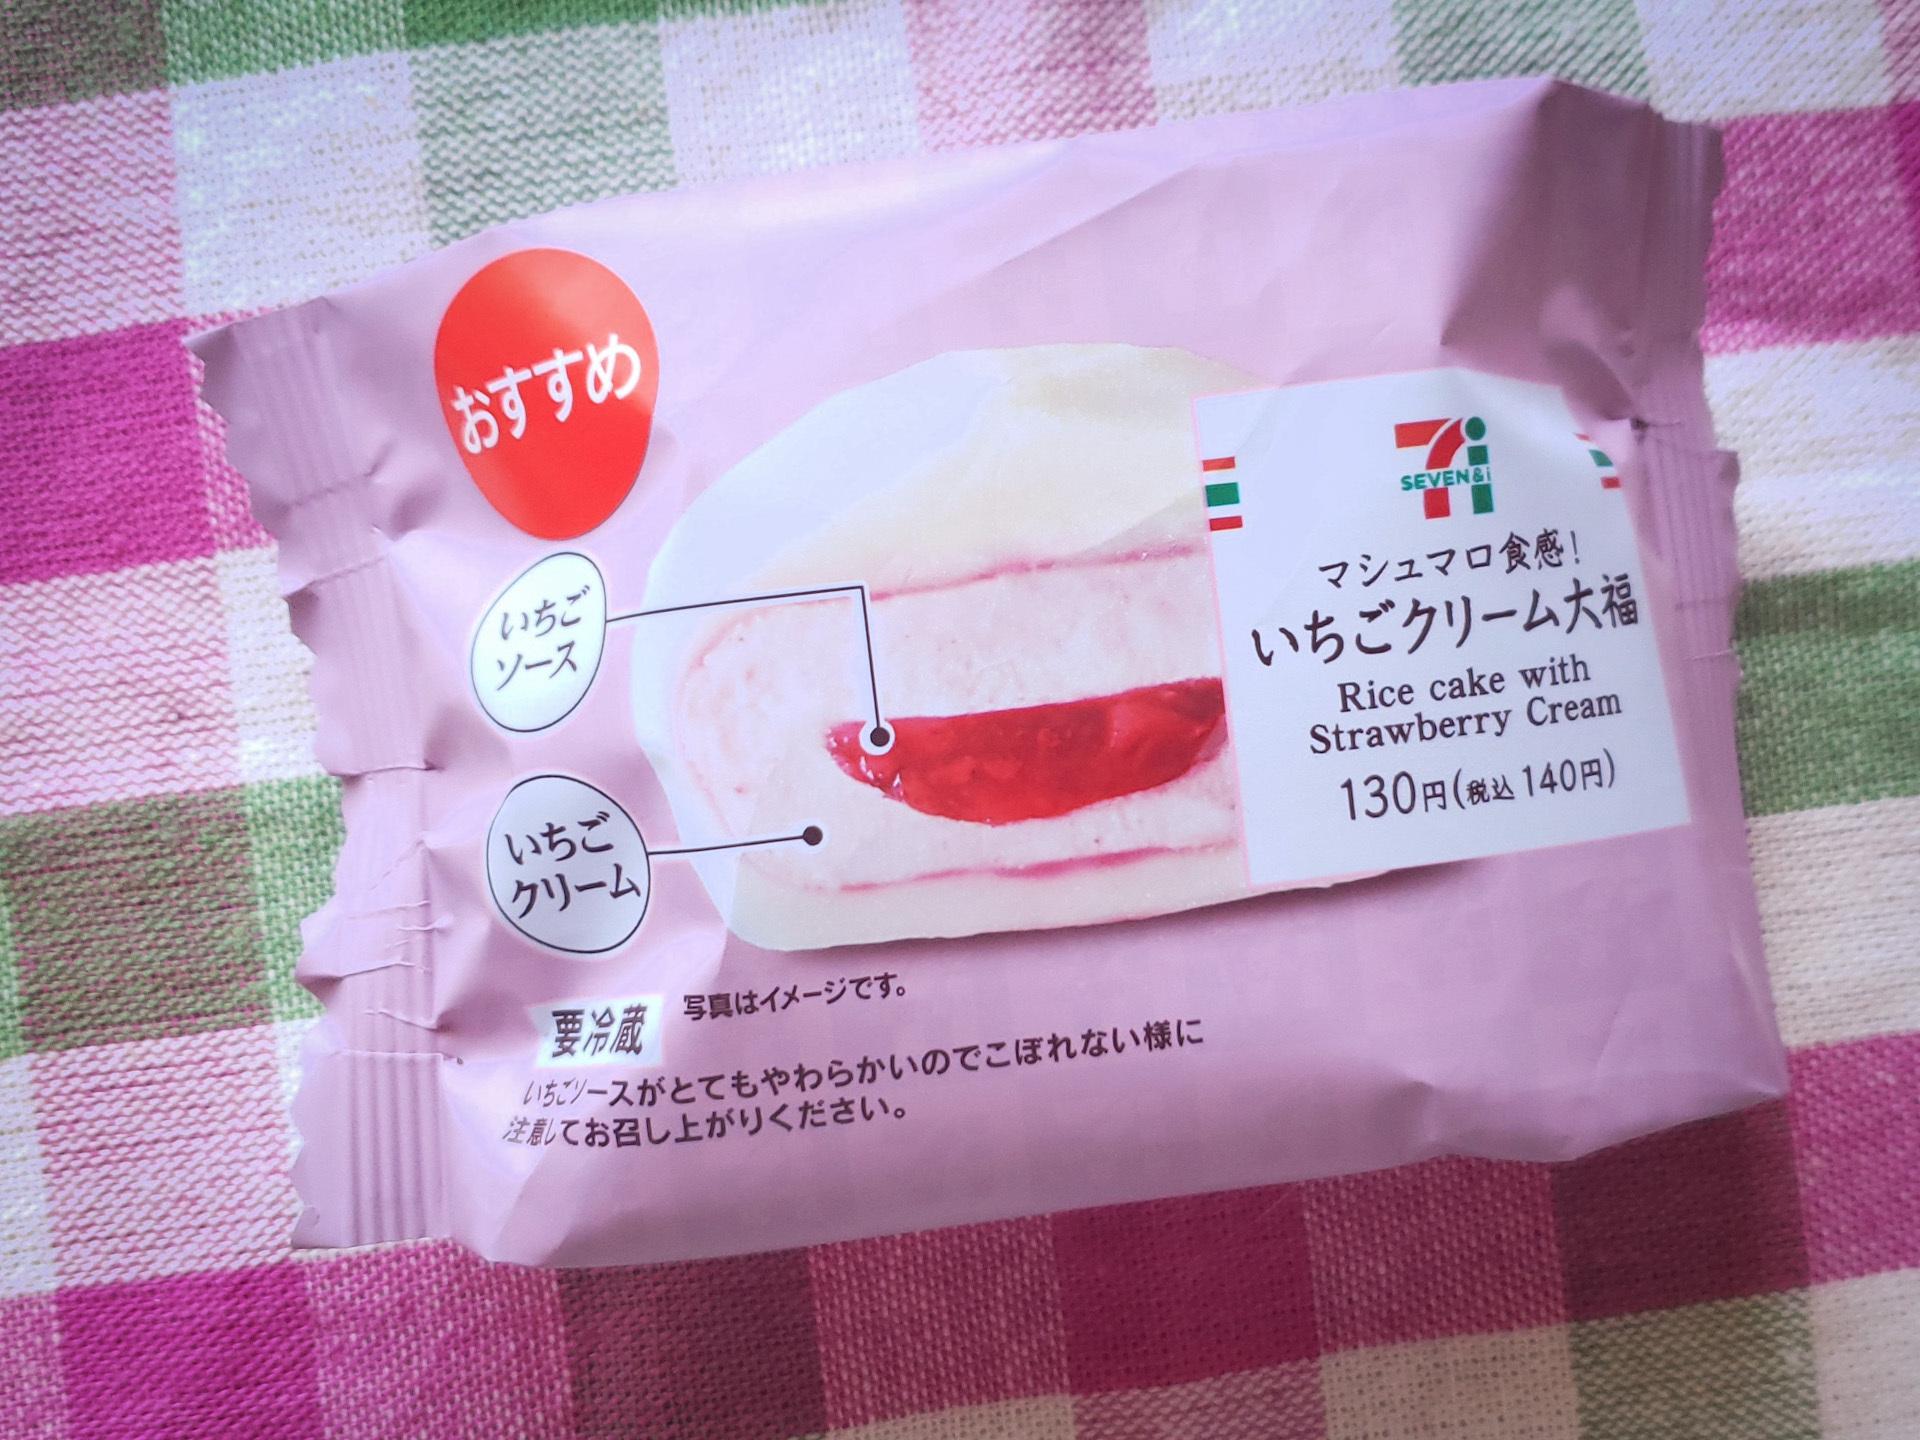 セブンイレブンマシュマロ食感!いちごクリーム大福